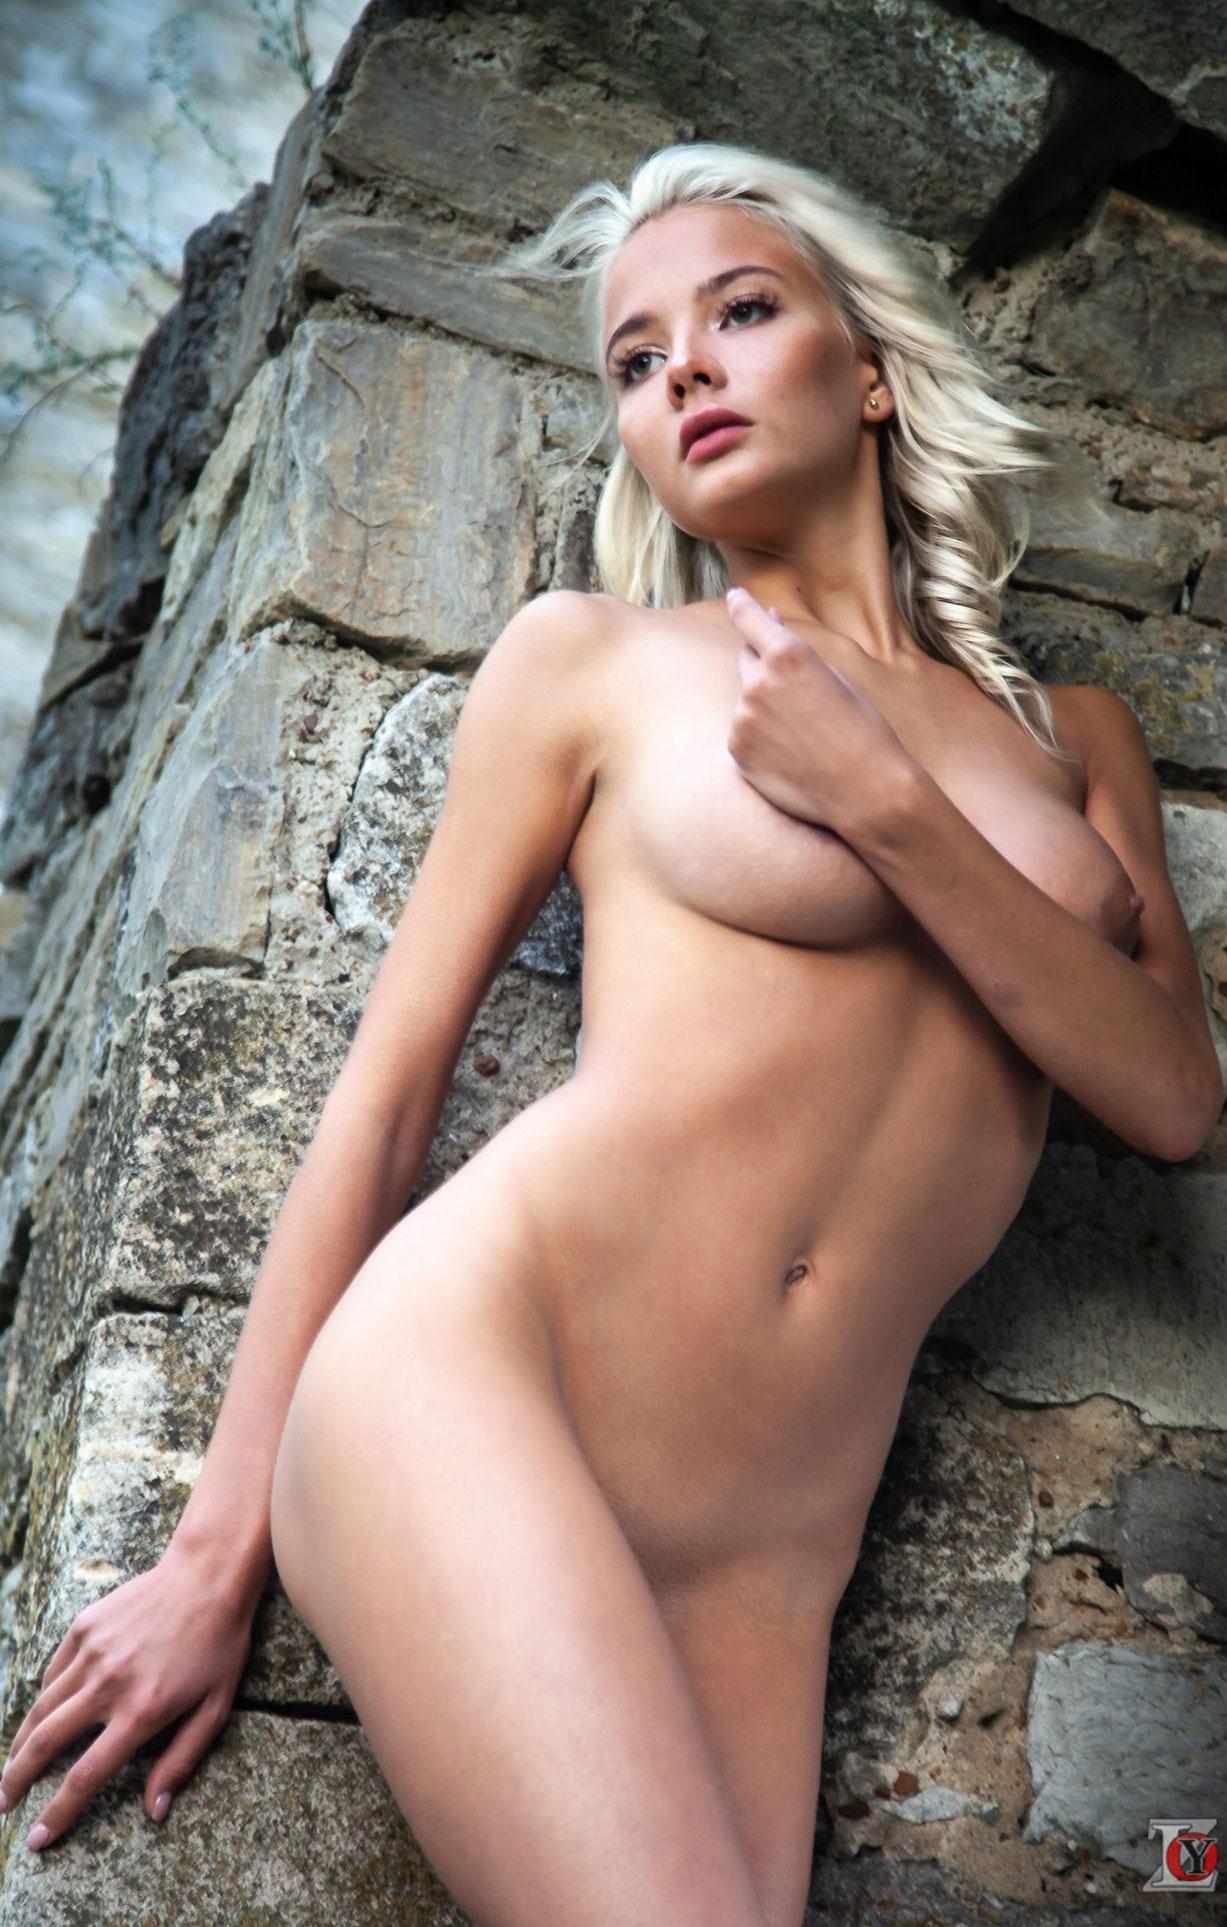 Екатерина Ширяева, портрет / фото 17